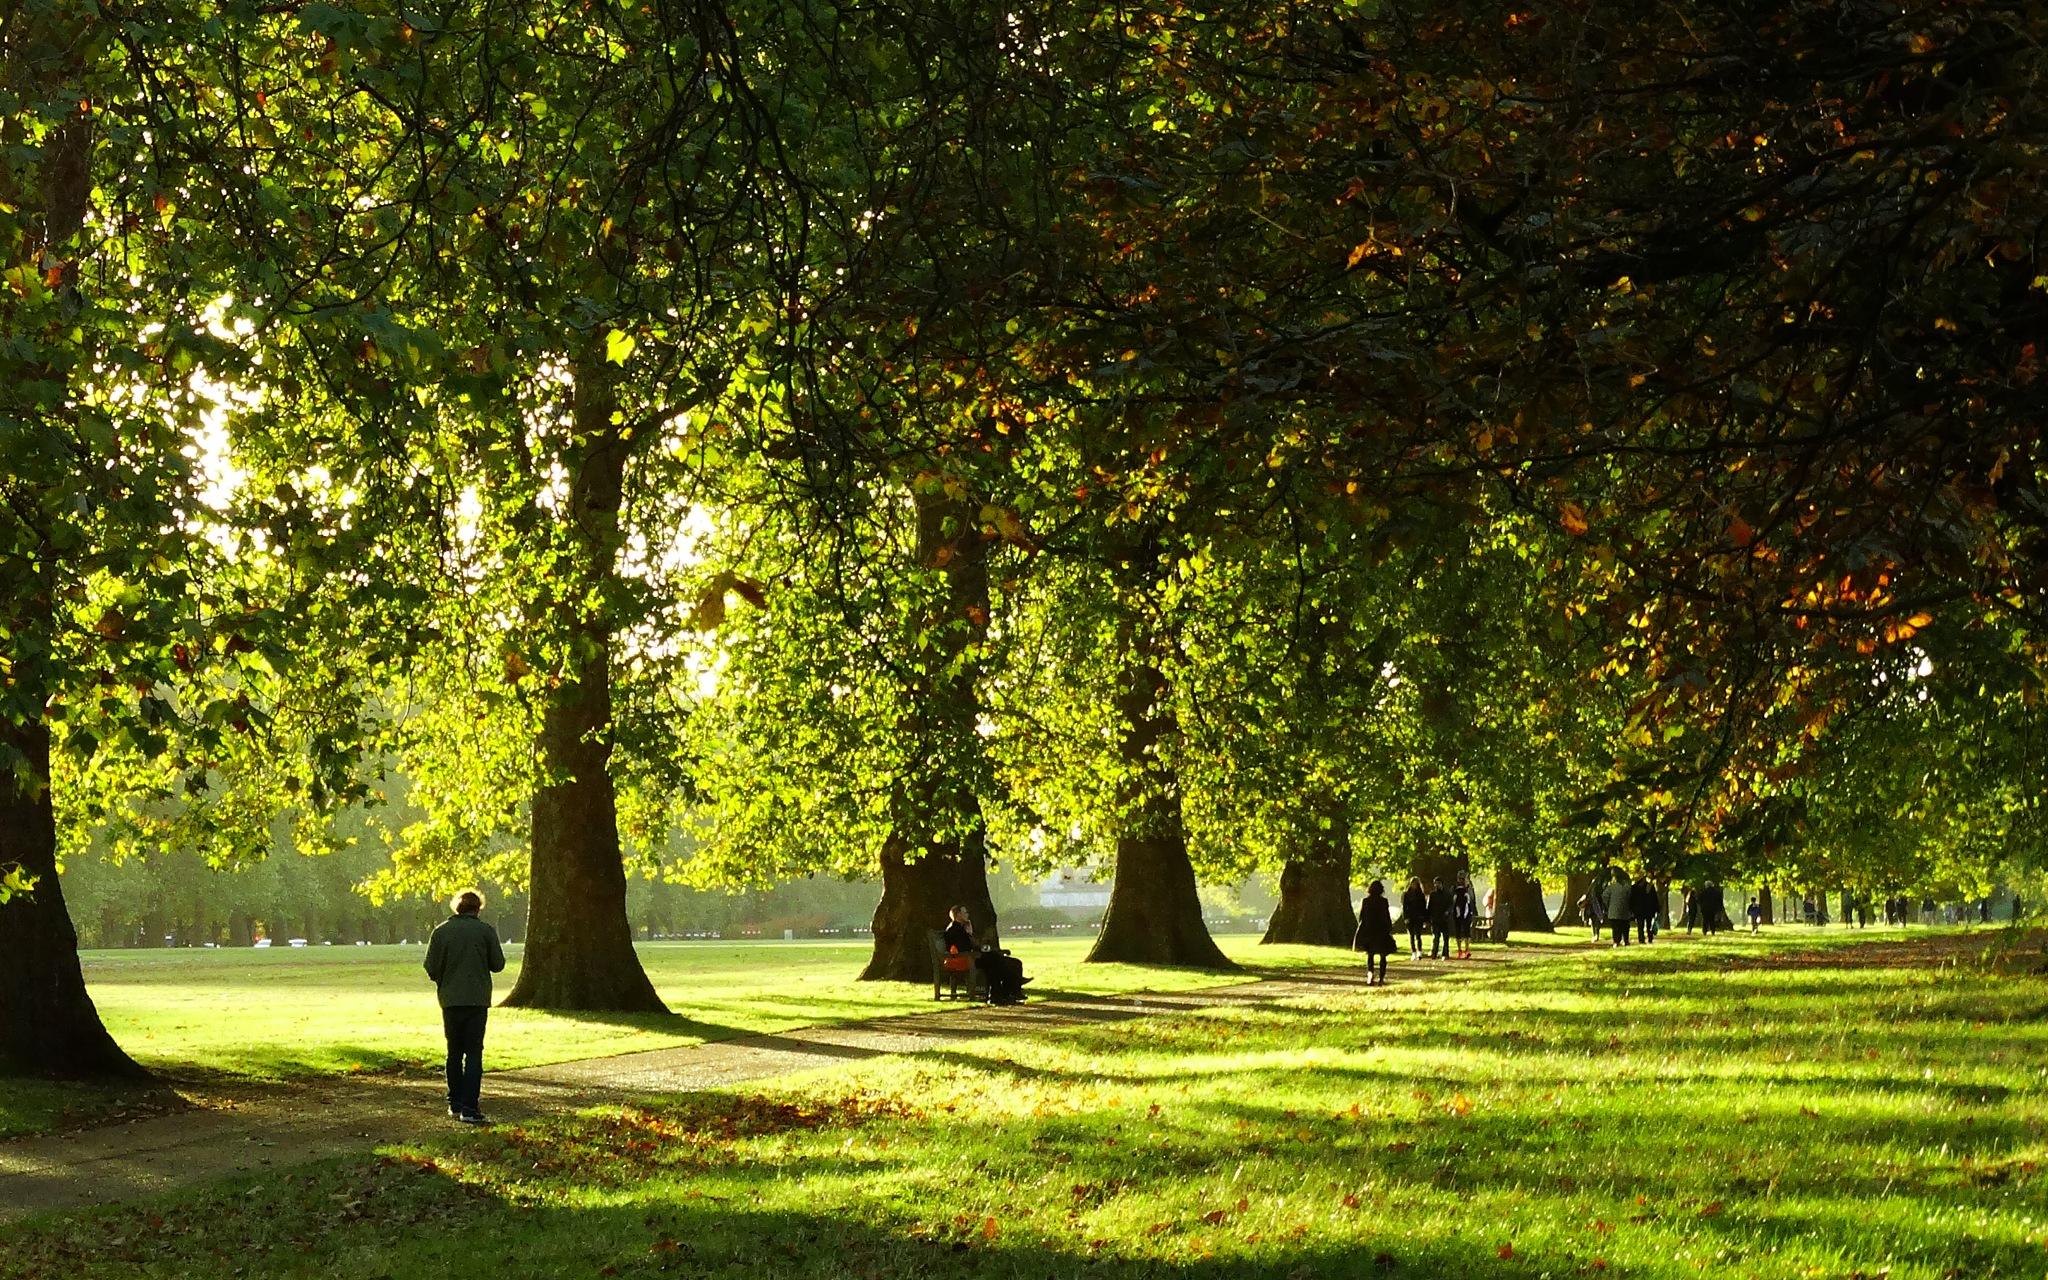 Lazy Sunday in the park!  by GertdeVos